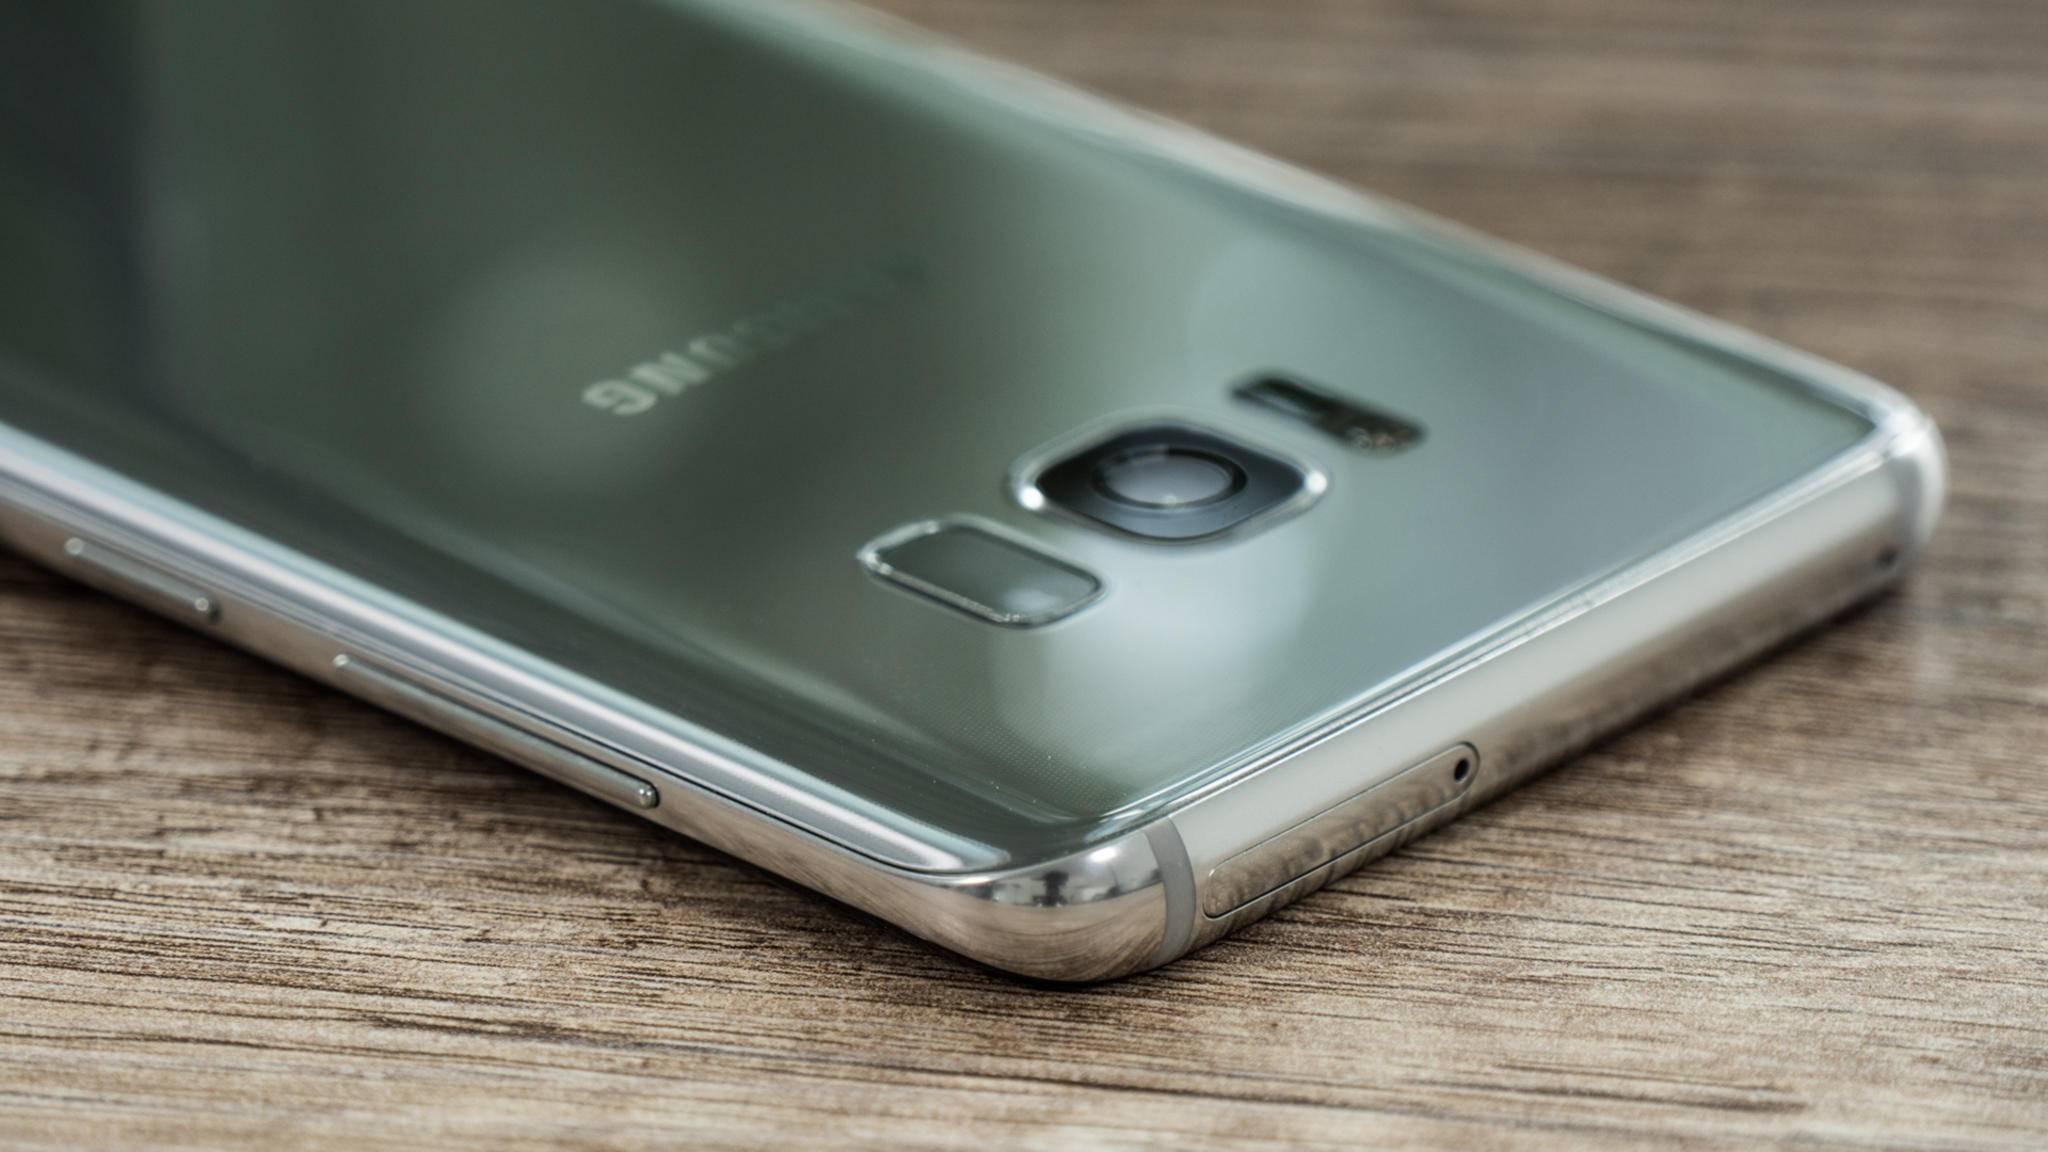 Welche Sd Karte Für S8.Apps Auf Sd Karte Verschieben So Geht S Auf Galaxy S8 Note 8